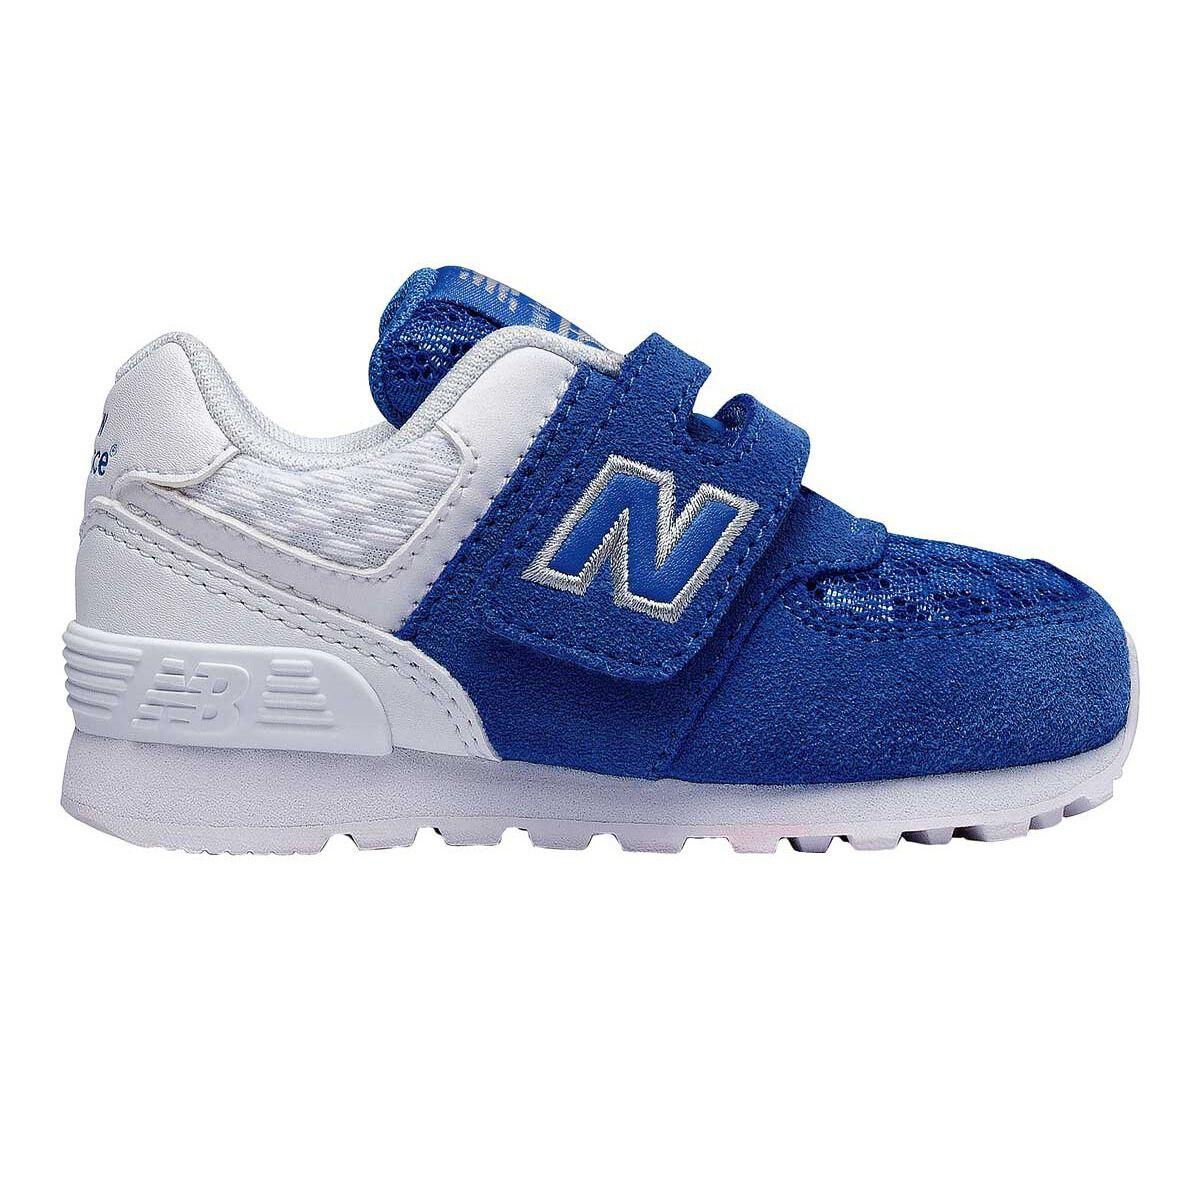 02c2d8034fc57 ... australia new balance 574 toddlers shoes blue white us 3 blue white  rebelhi c97e7 f86b1